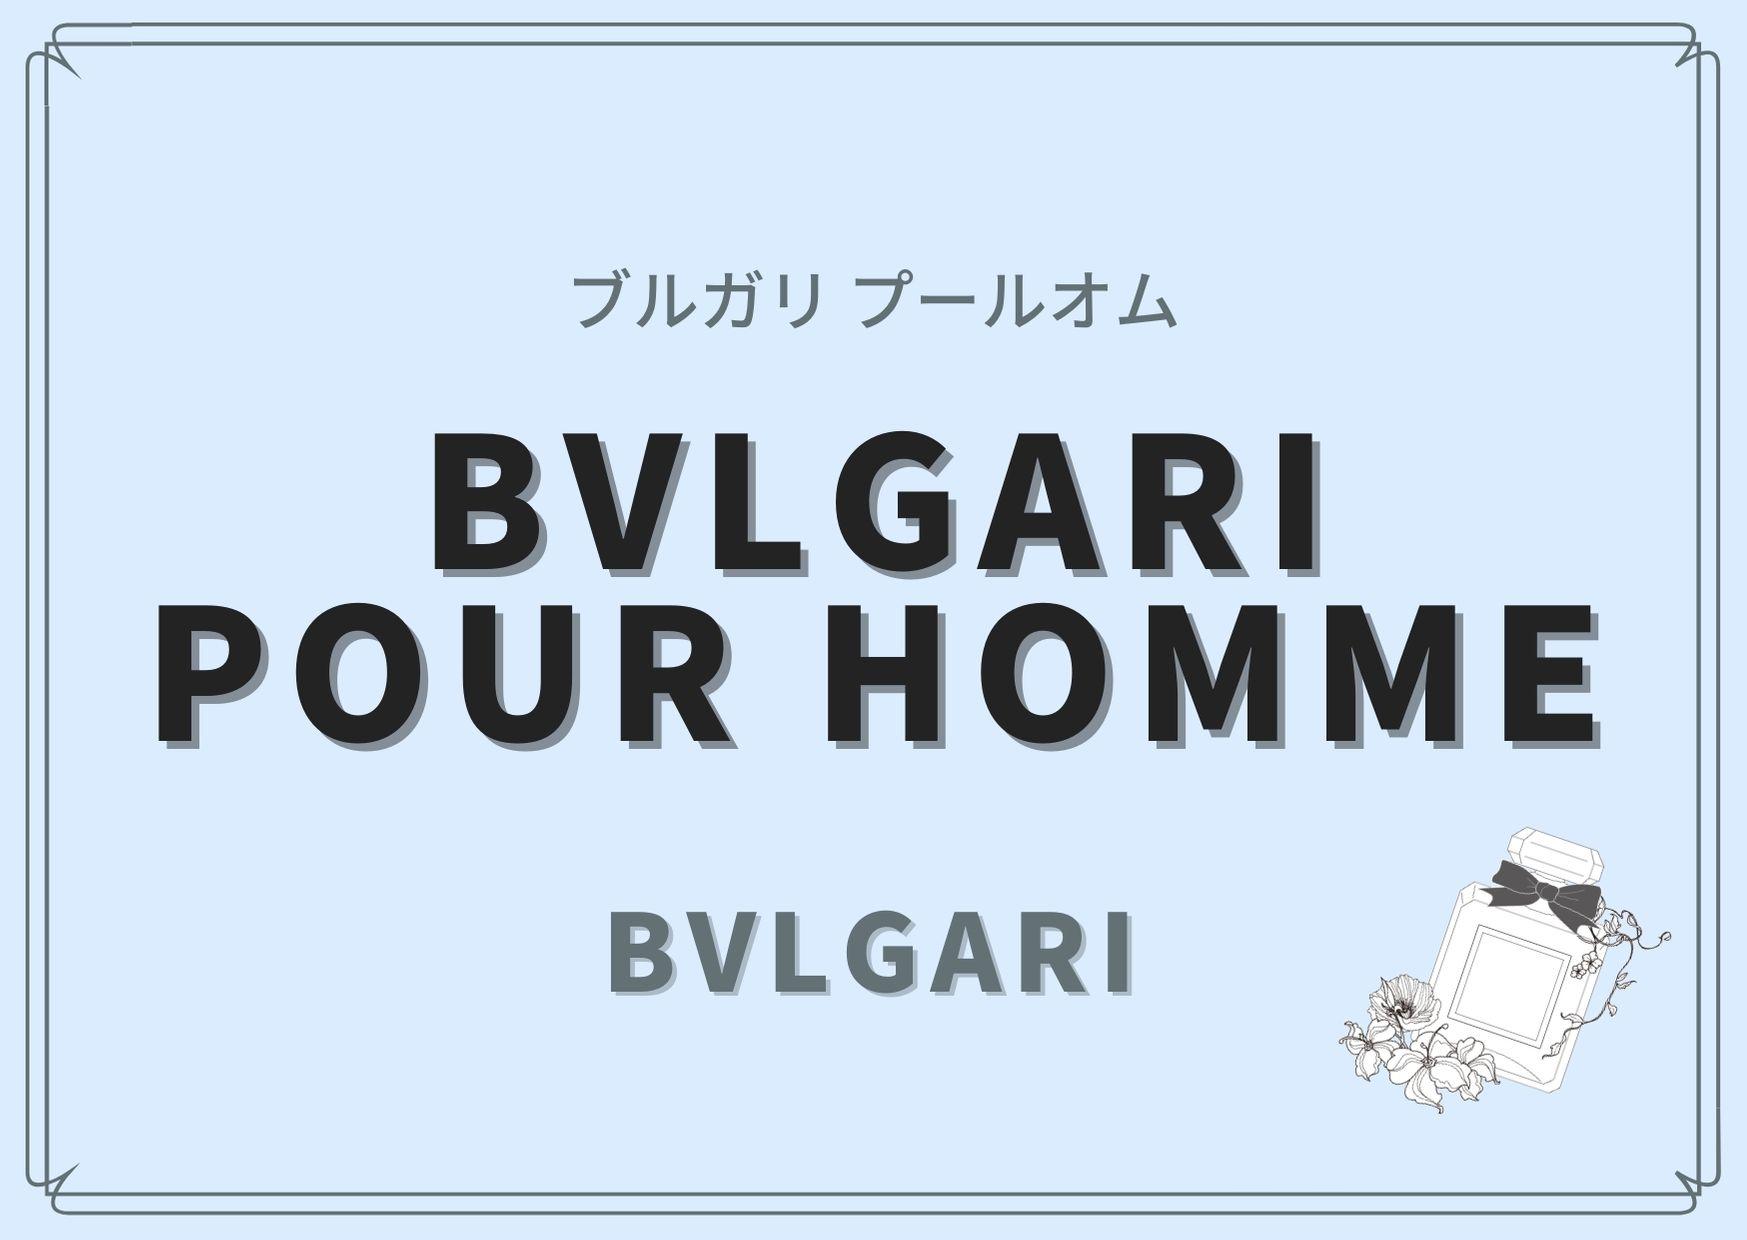 BVLGARI POUR HOMME(ブルガリ プールオム)/ BVLGARI(ブルガリ)